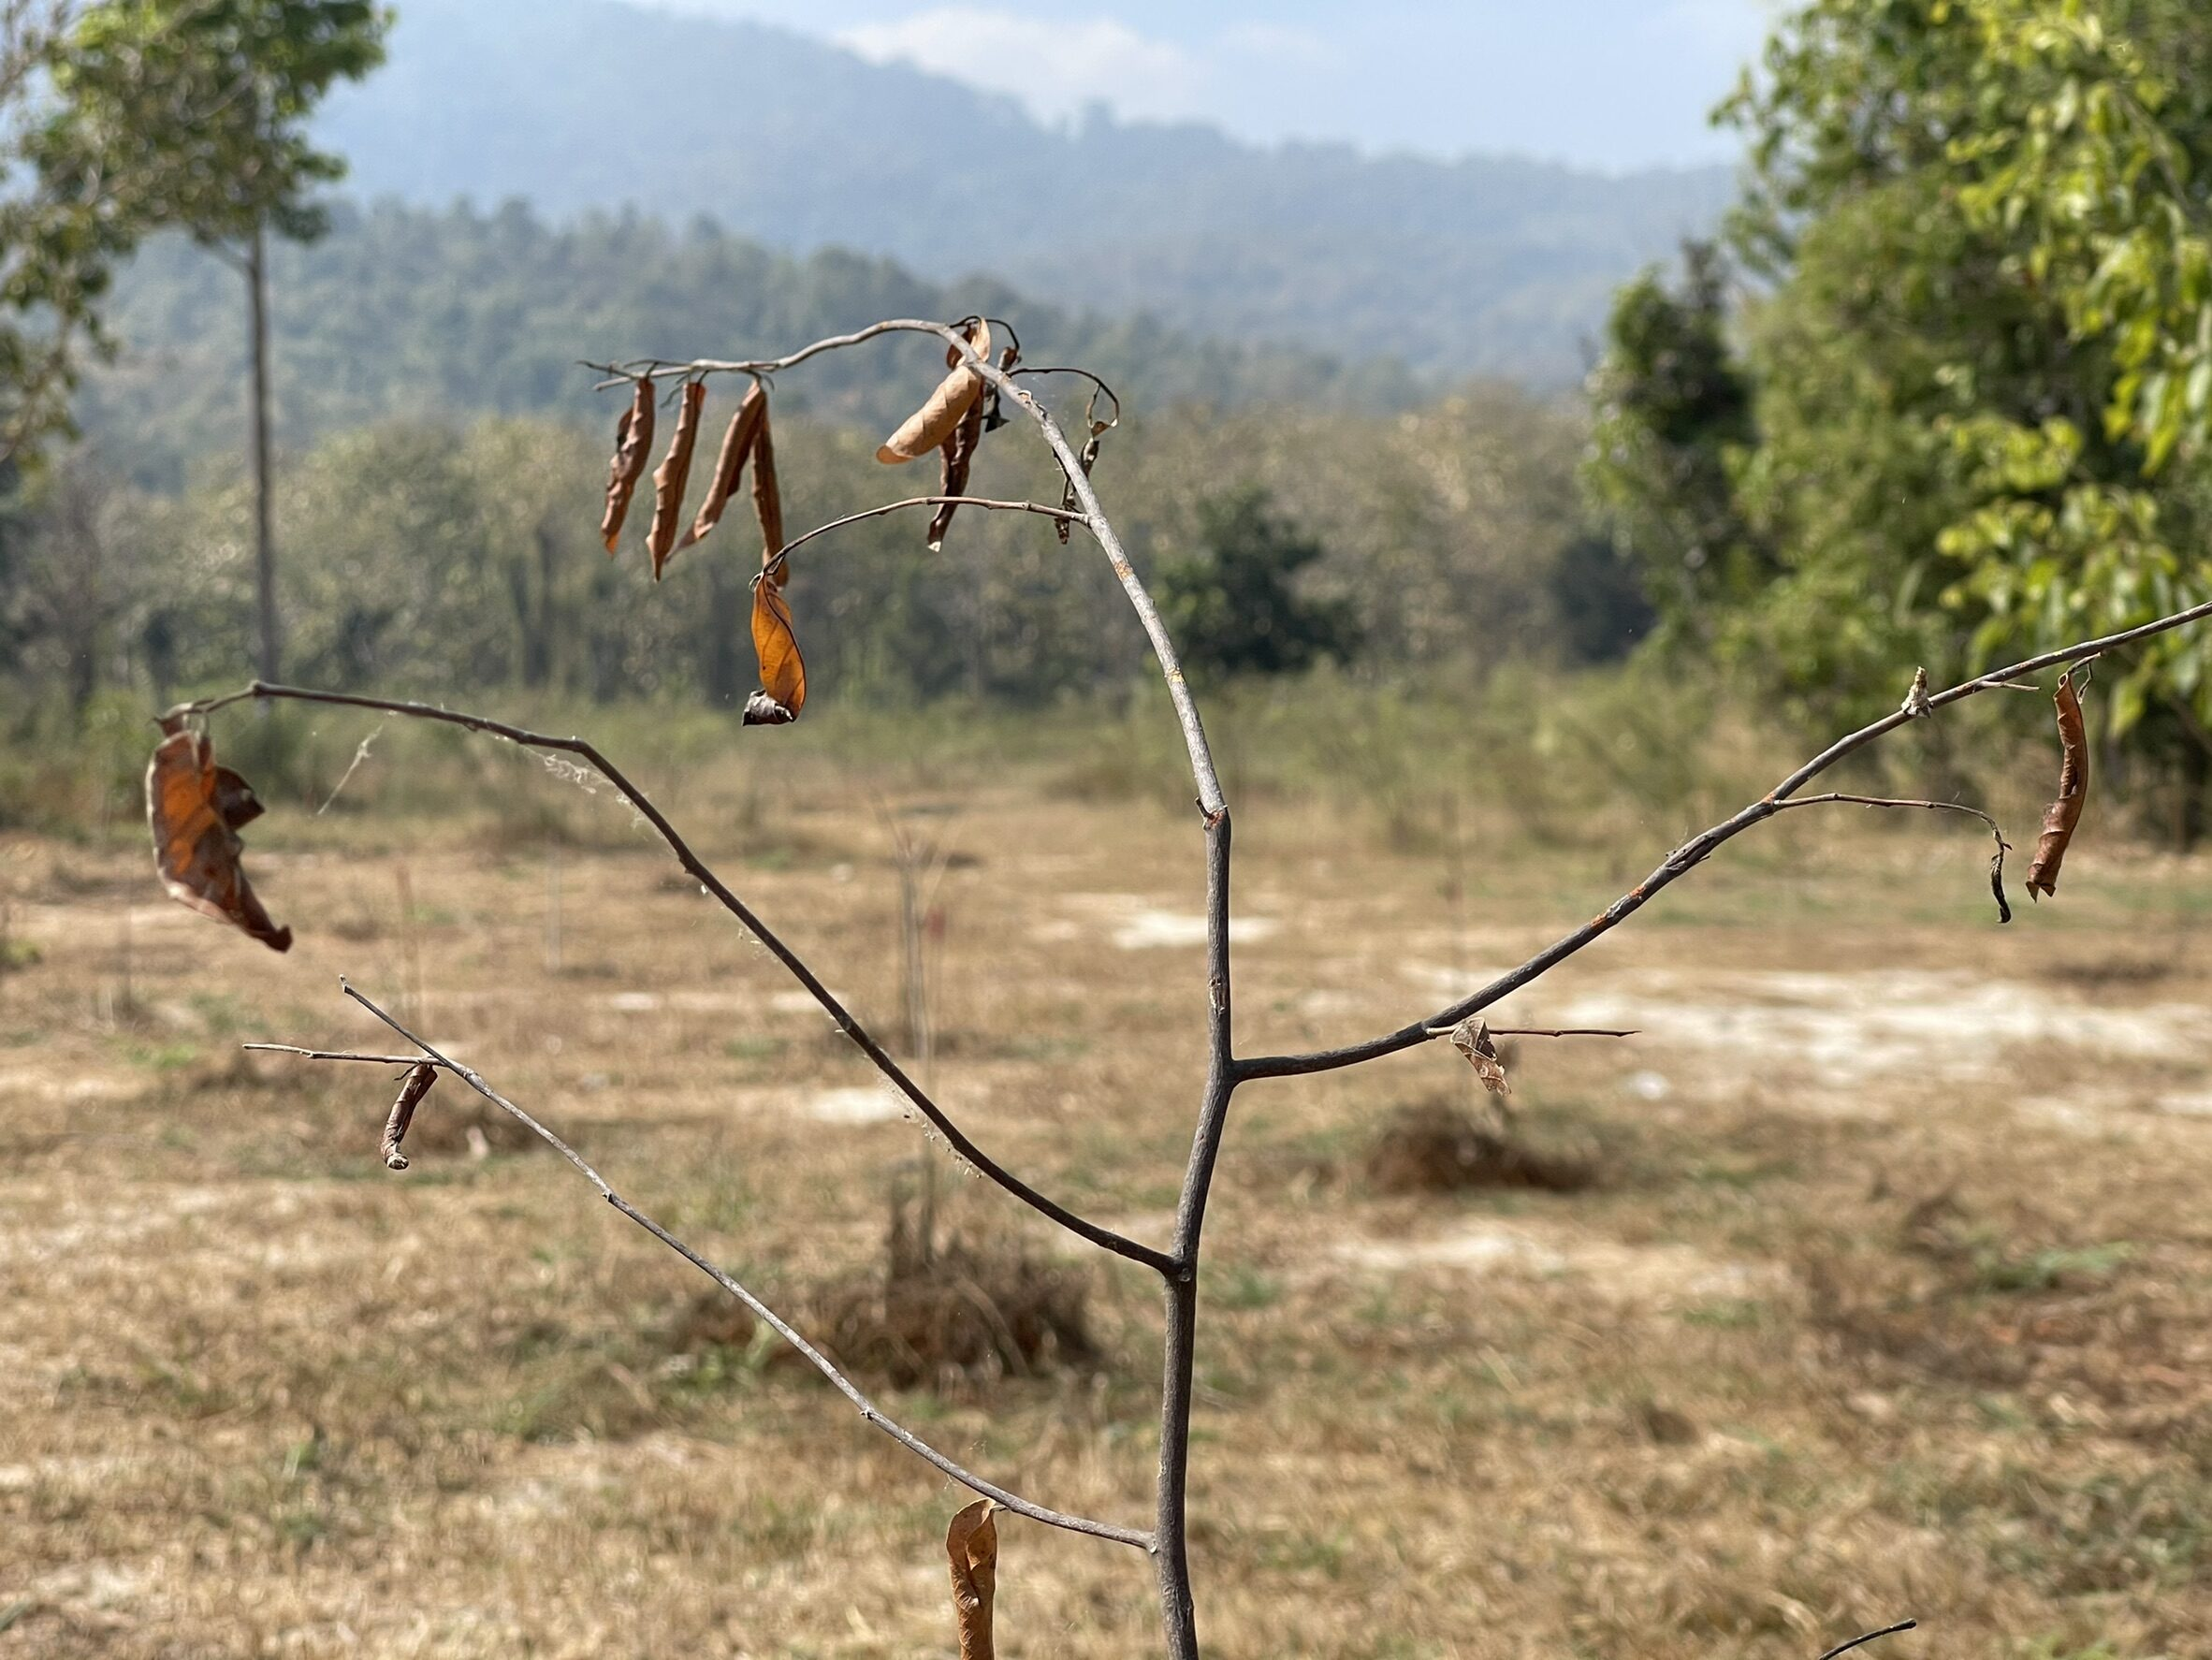 """สำรวจแปลงปลูกป่าห้วยตึงเฒ่า """"ฌอน""""ร่วมปลูก แค่ไม้ผลัดใบหรือยืนต้นตาย"""